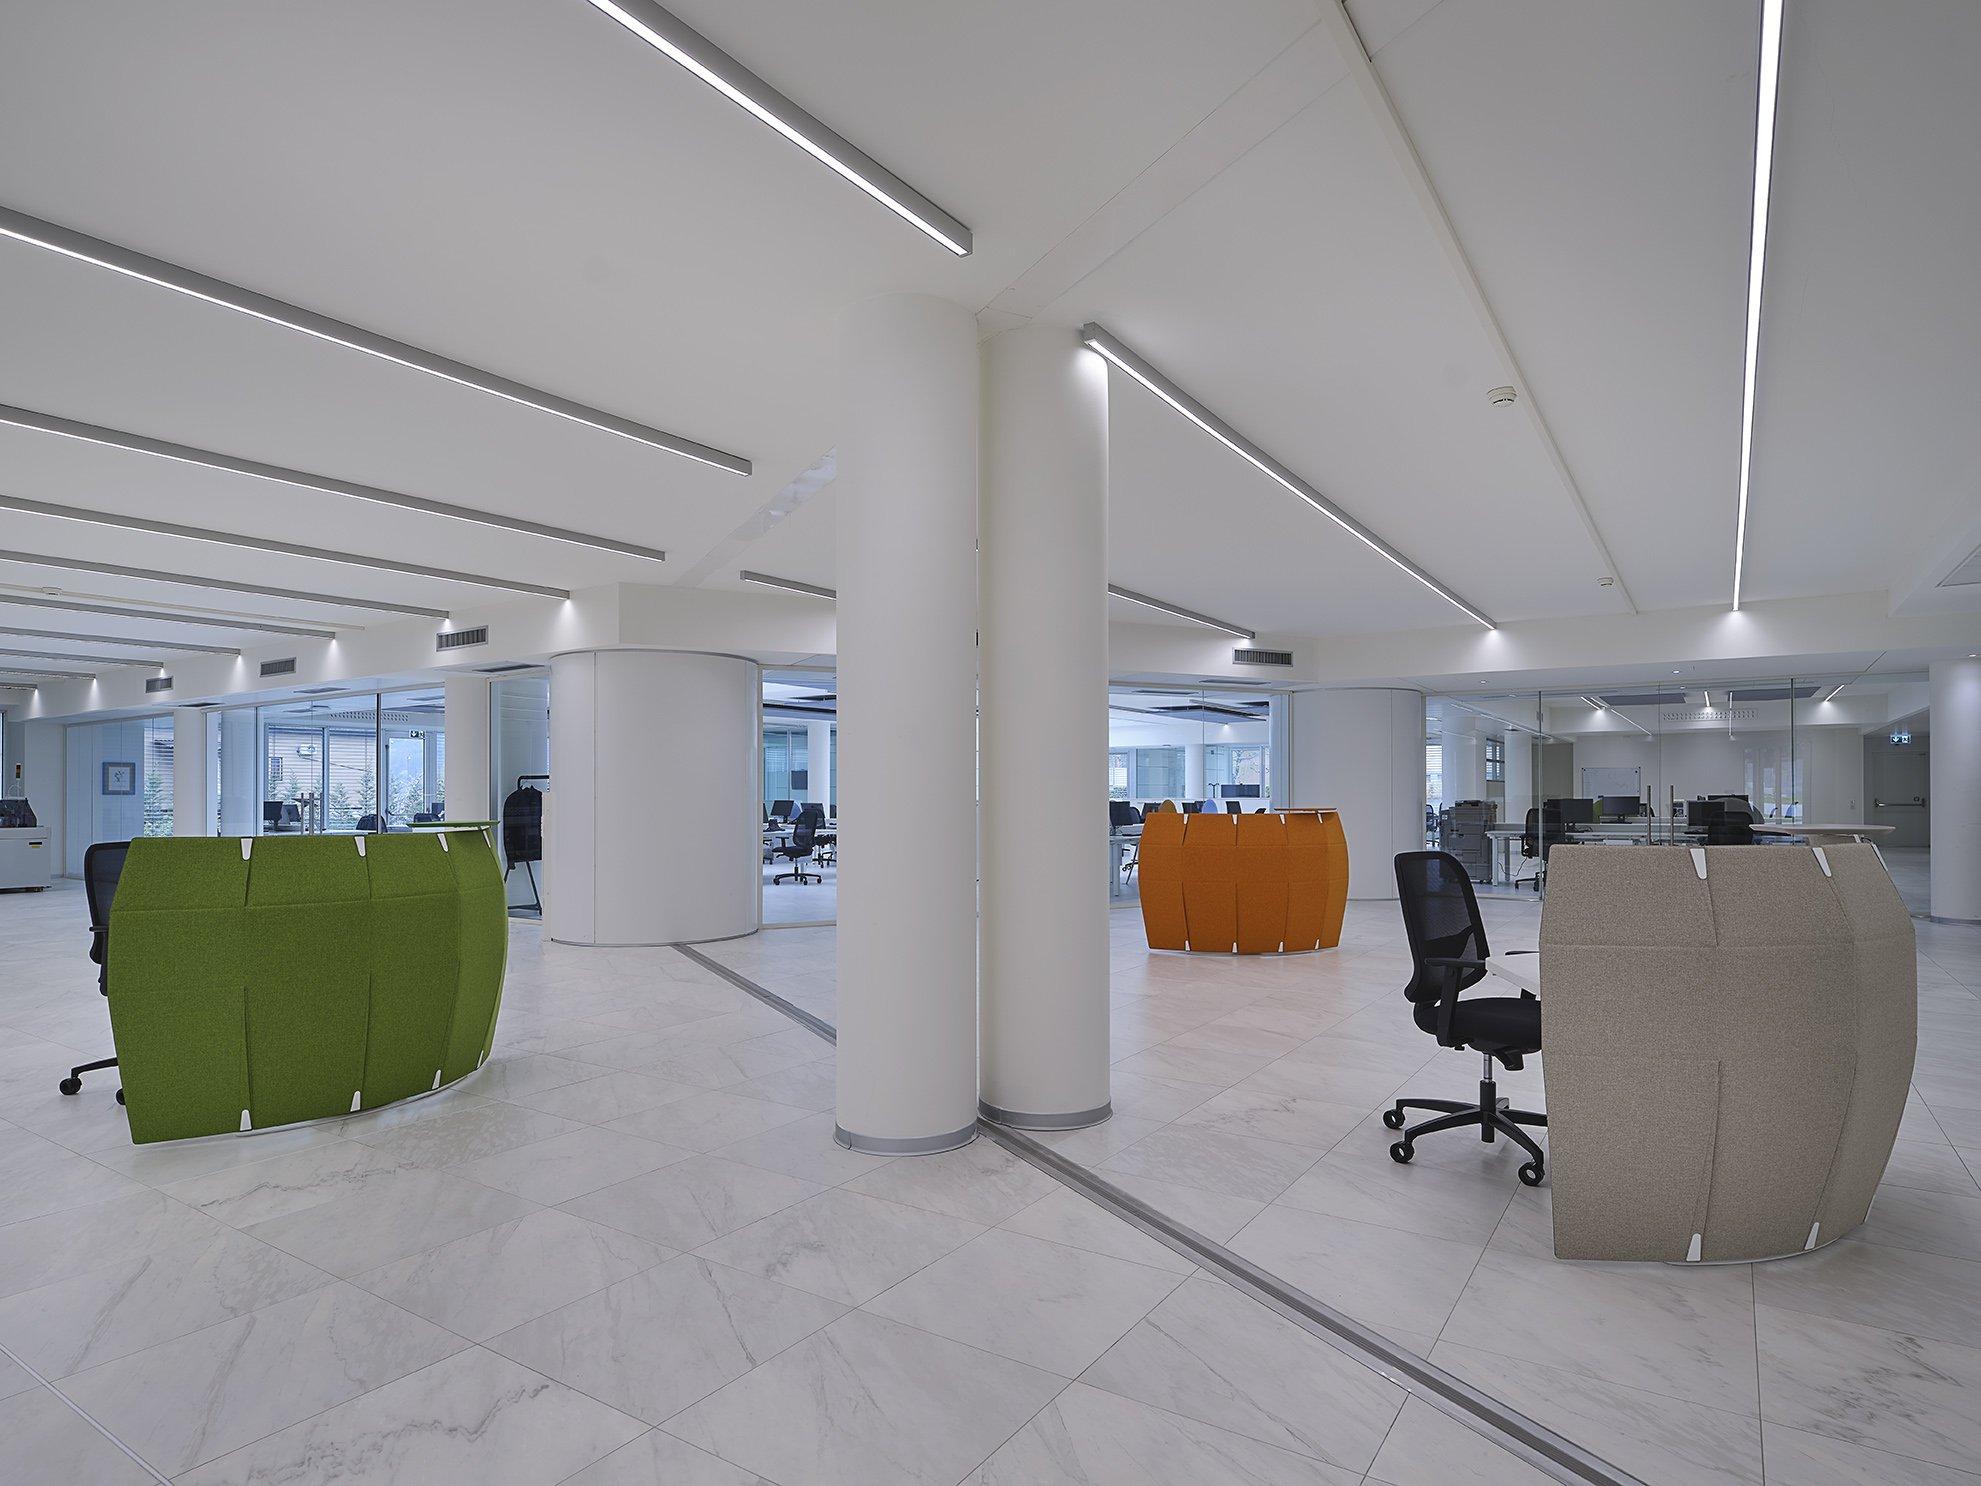 Mobili Ufficio Friuli Venezia Giulia.Arredamento Per Ufficio Friuli Venezia Giulia Mobili Per